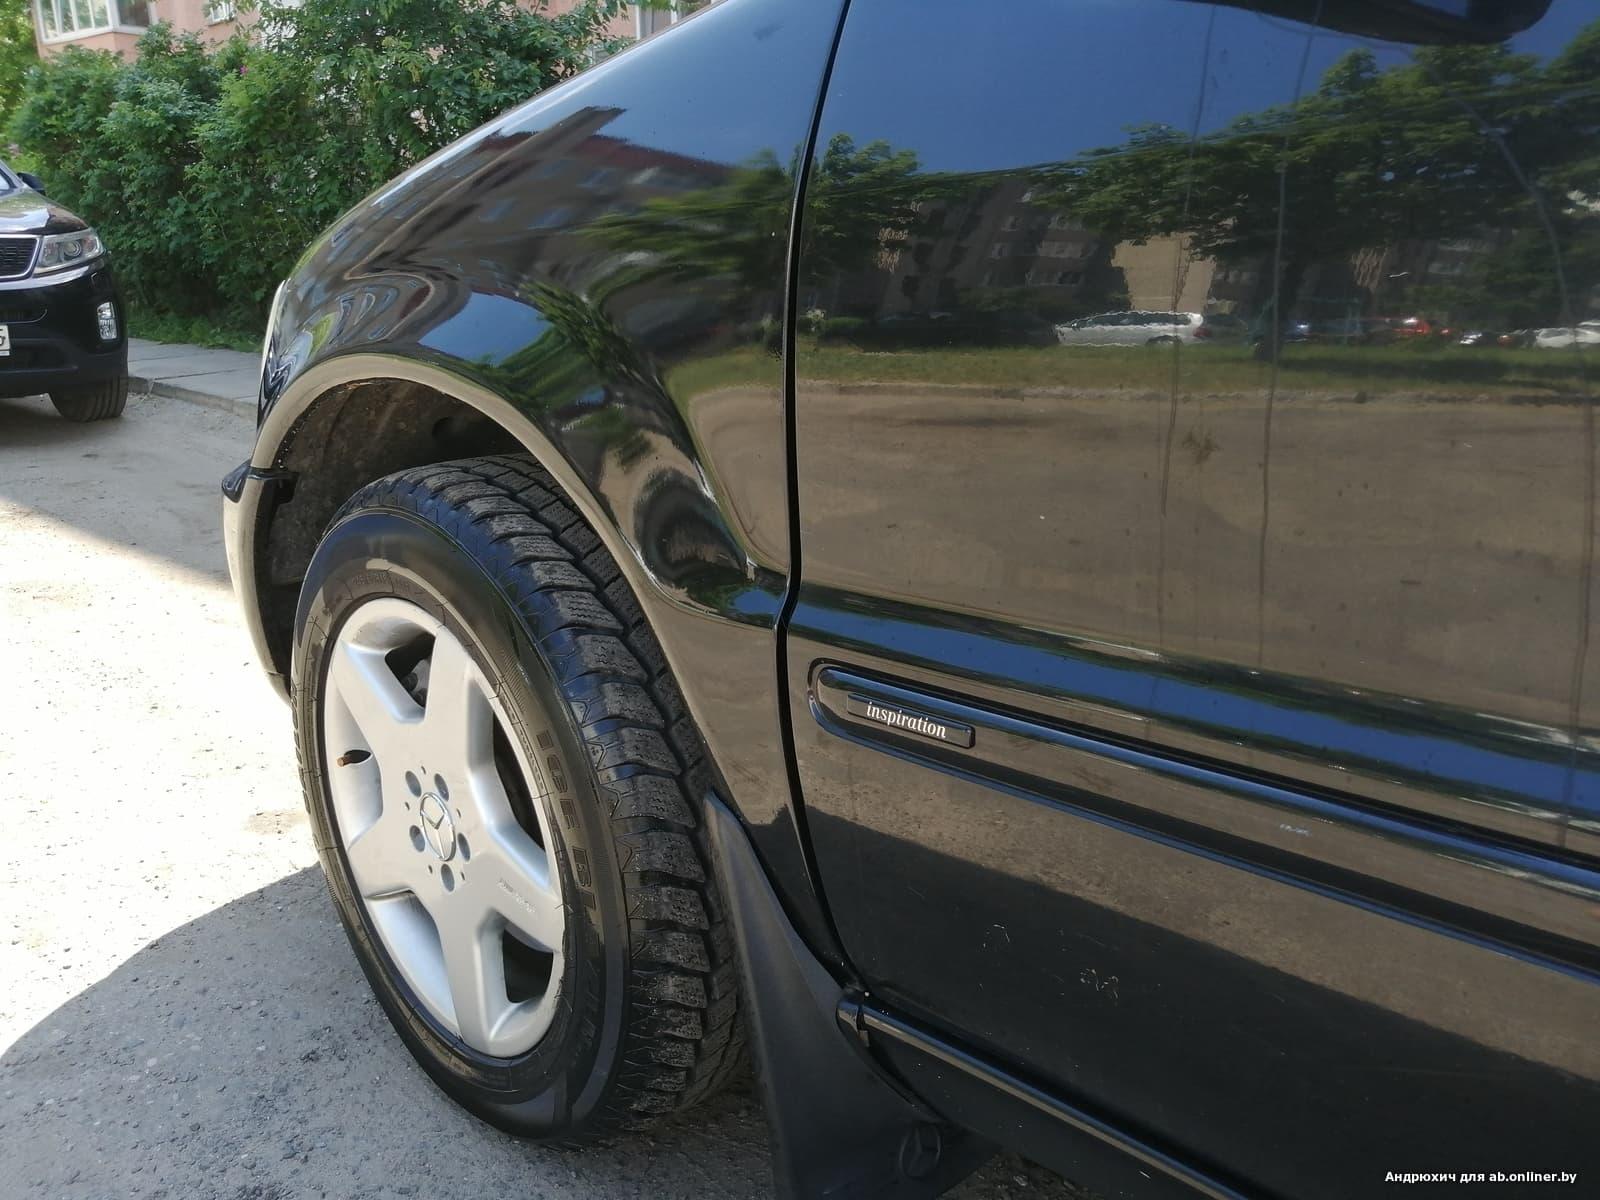 Mercedes-Benz ML400 inspiration